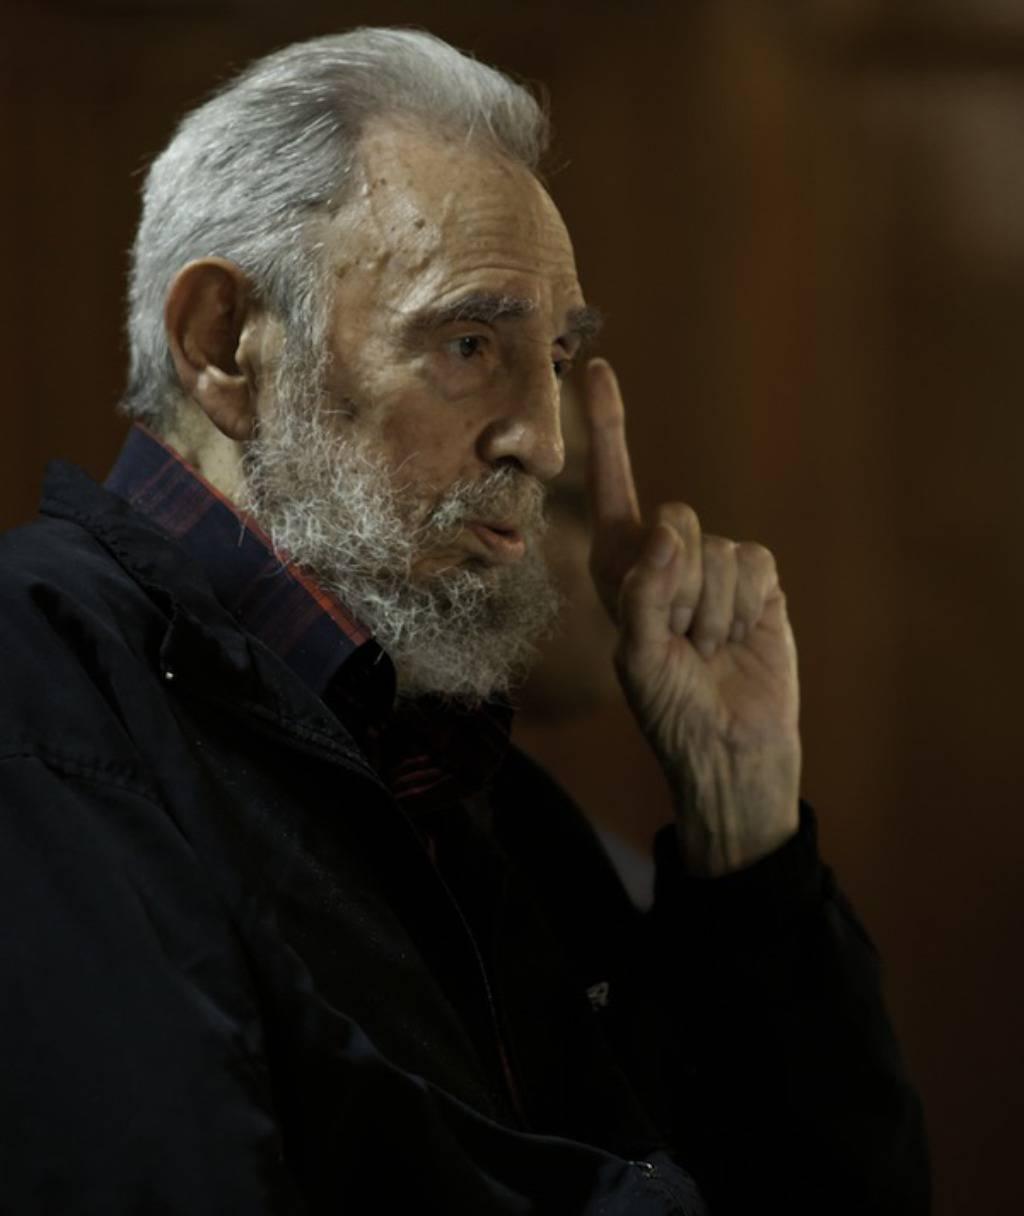 Roberto Chile/CubaDebate